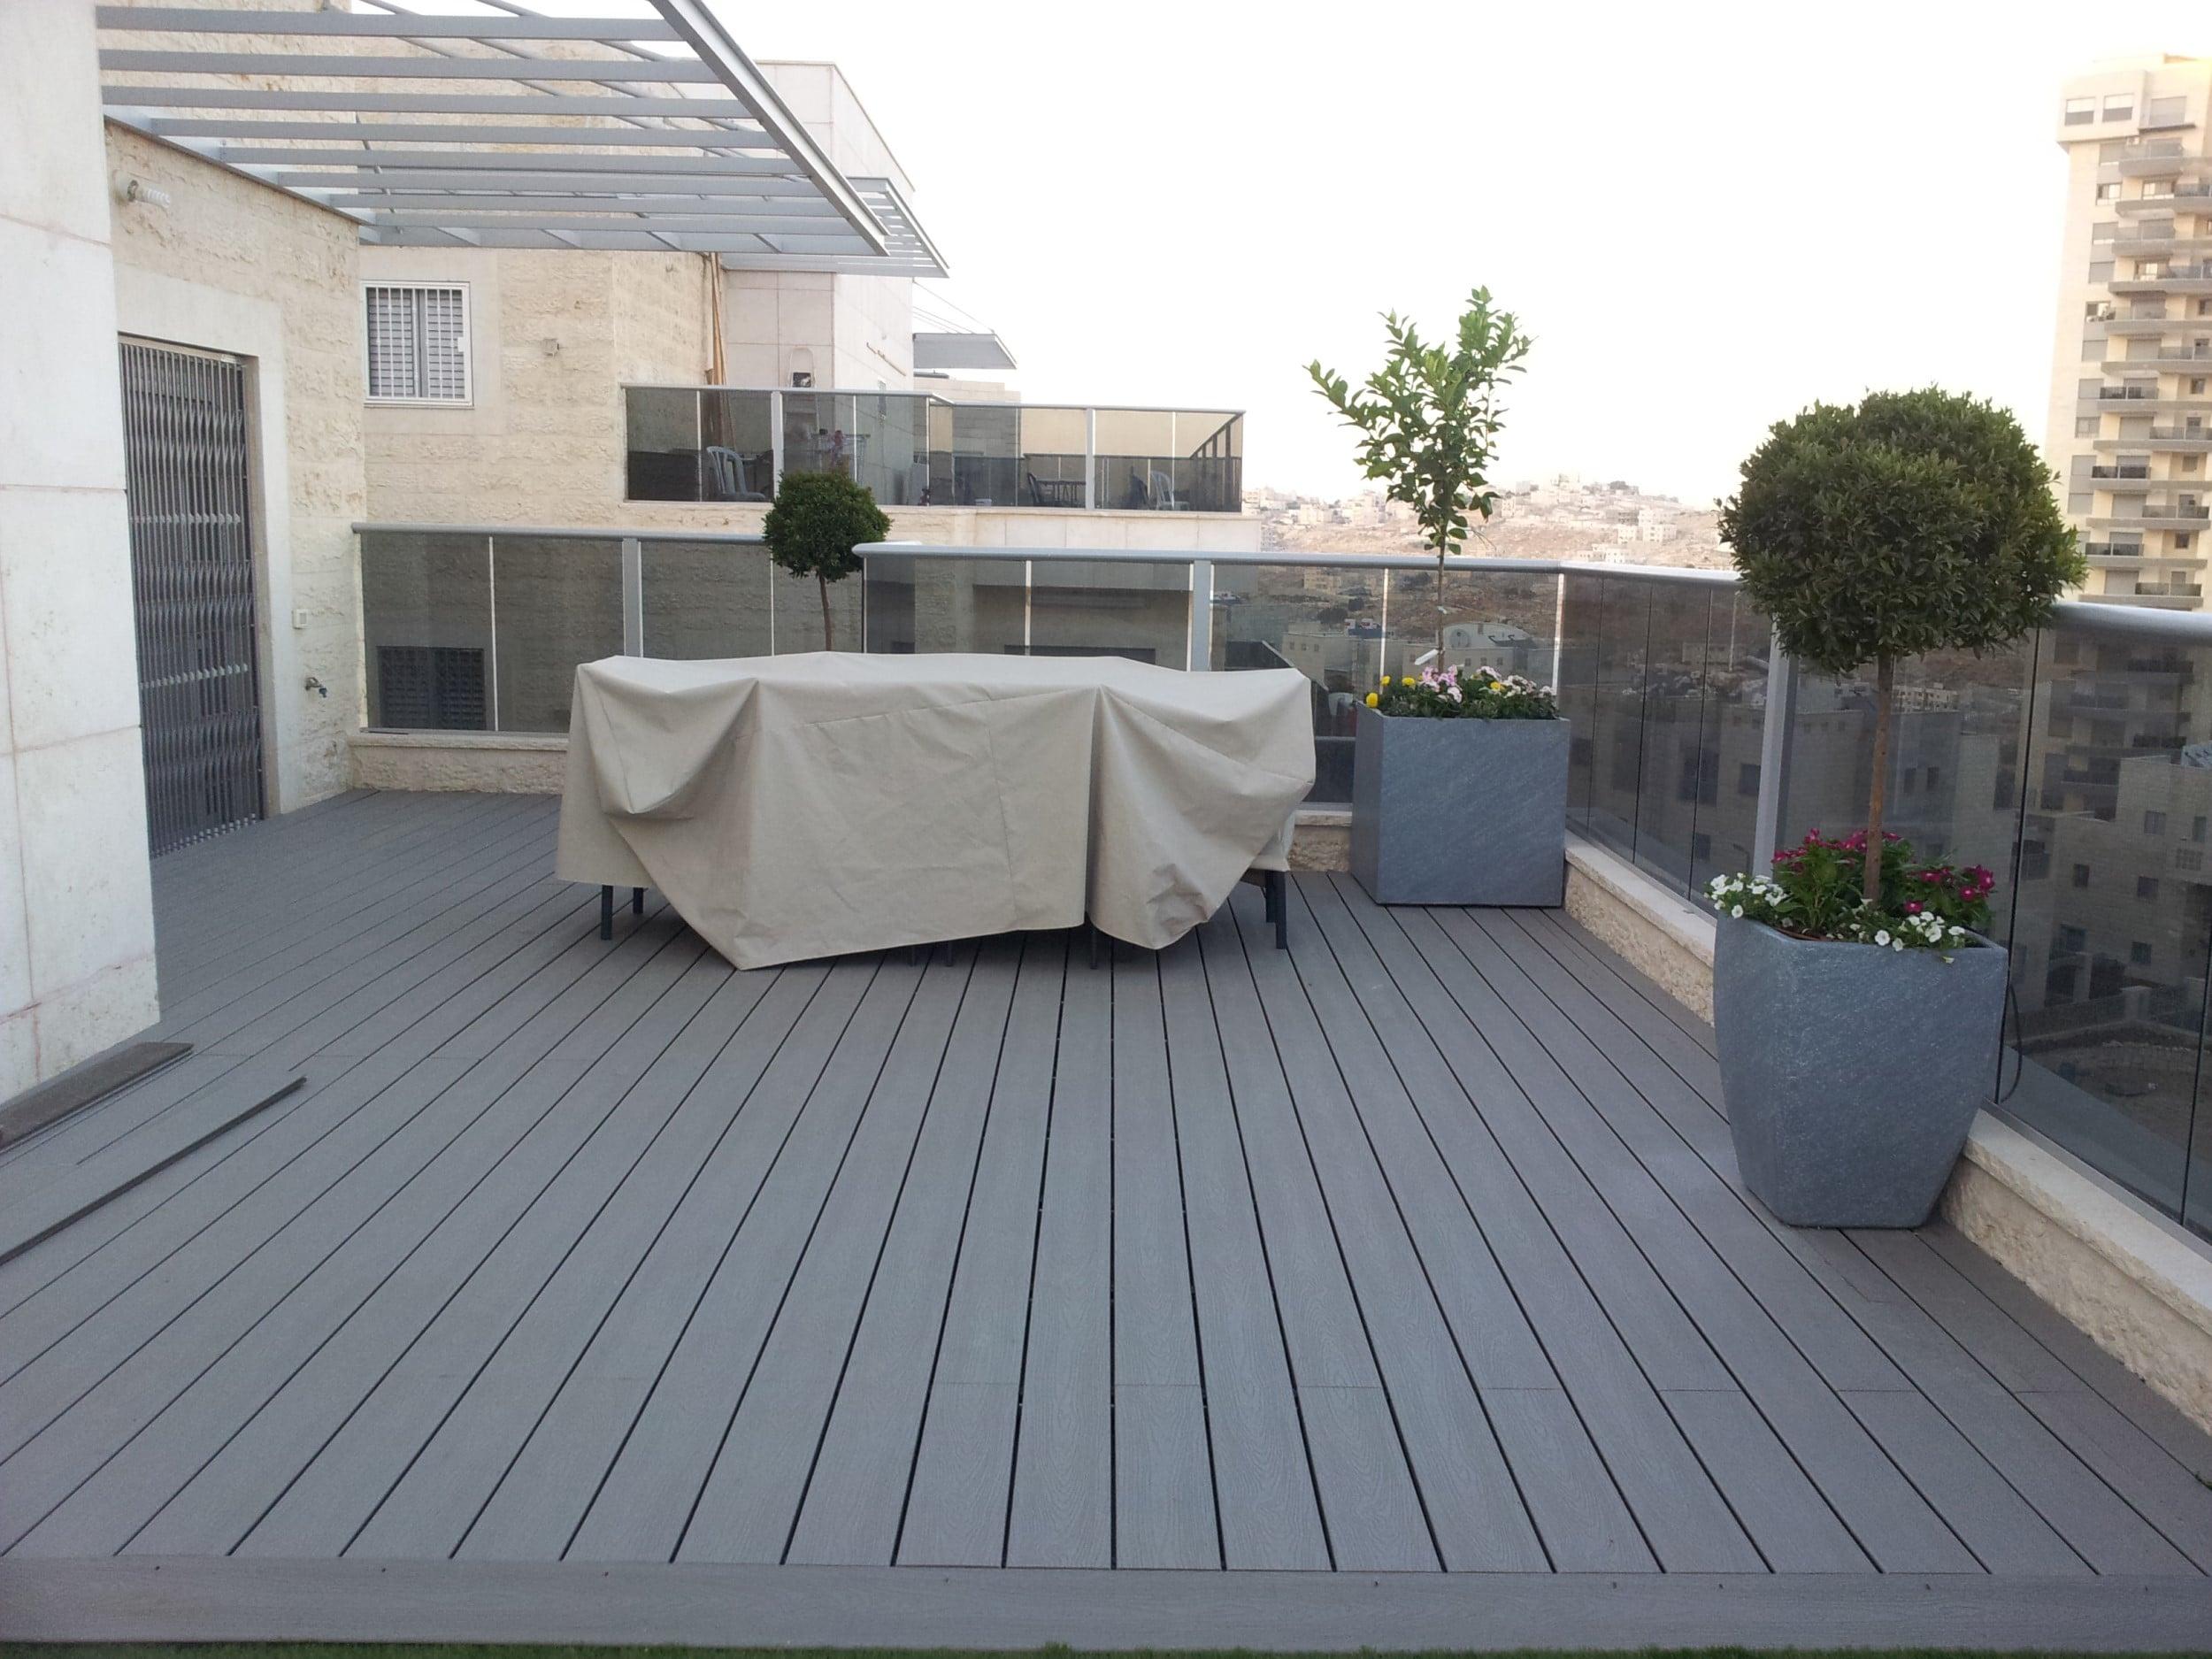 דק סינטטי, דק למרפסת בדירה במודיעין - חברת TREX מומחים בדקים סינטטיים לחצר, דק לגינה ודק למרפסת